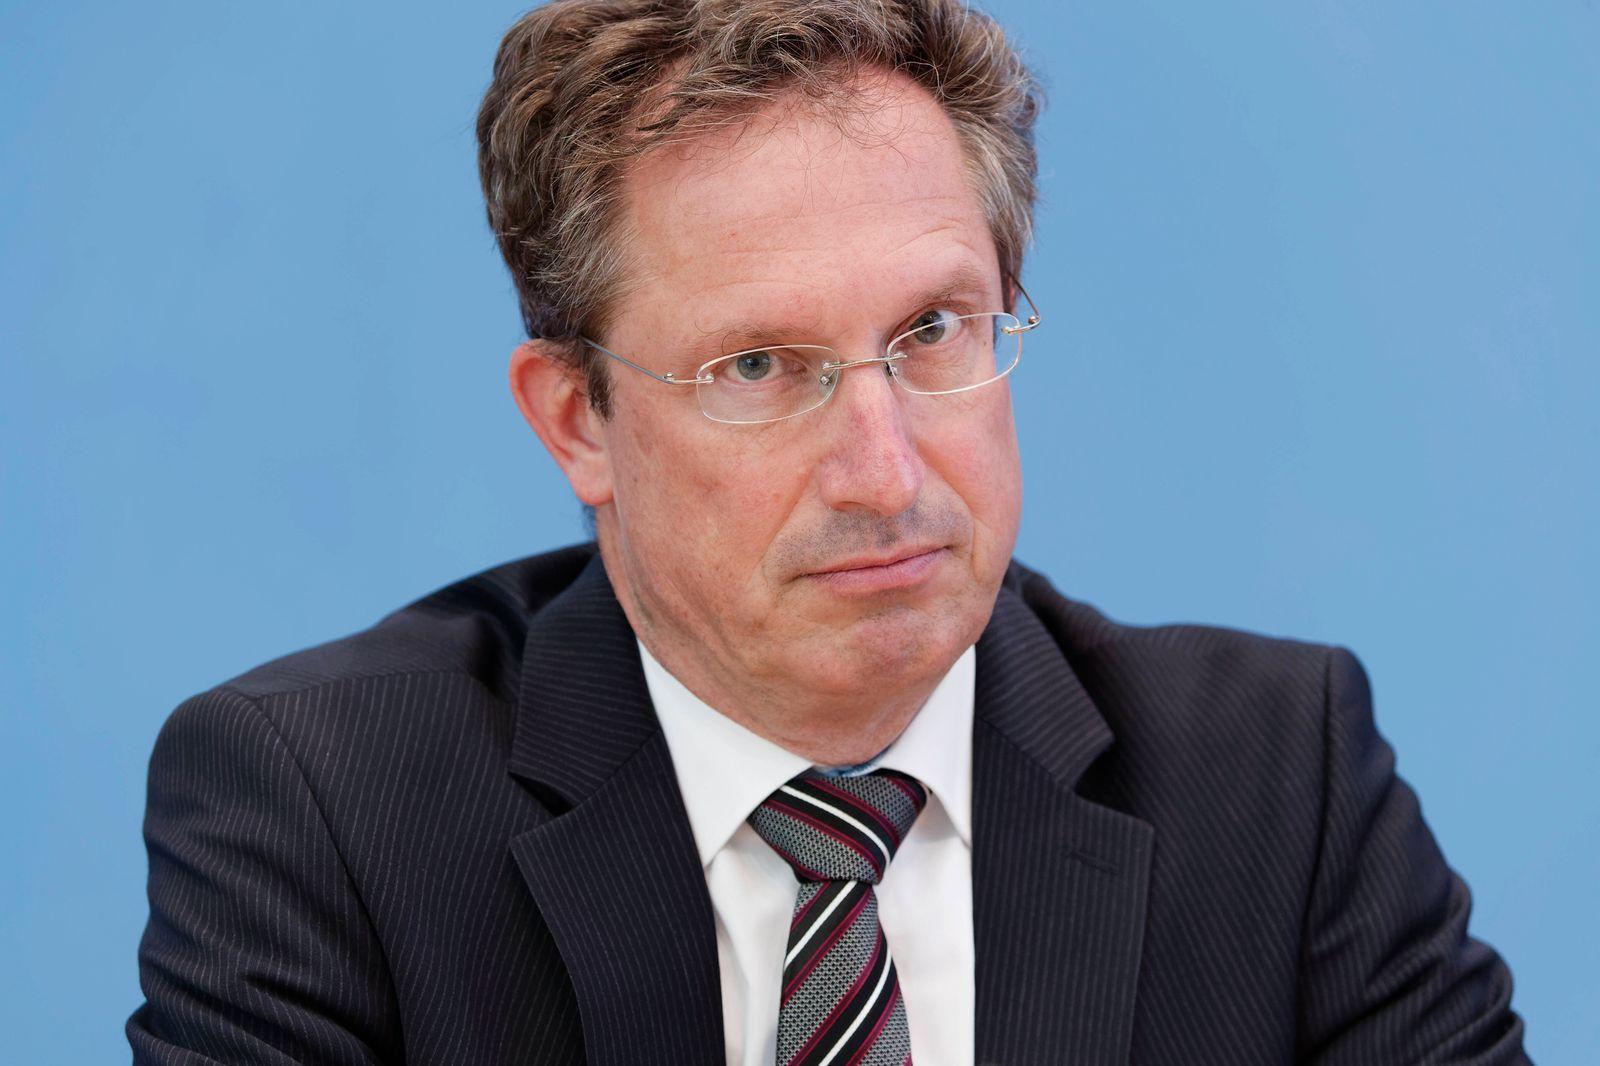 Michael Theurer + Stephan Thomae + Marco Buschmann 2021-04-27, Deutschland, Berlin - Bundespressekonferenz: Die FDPstel